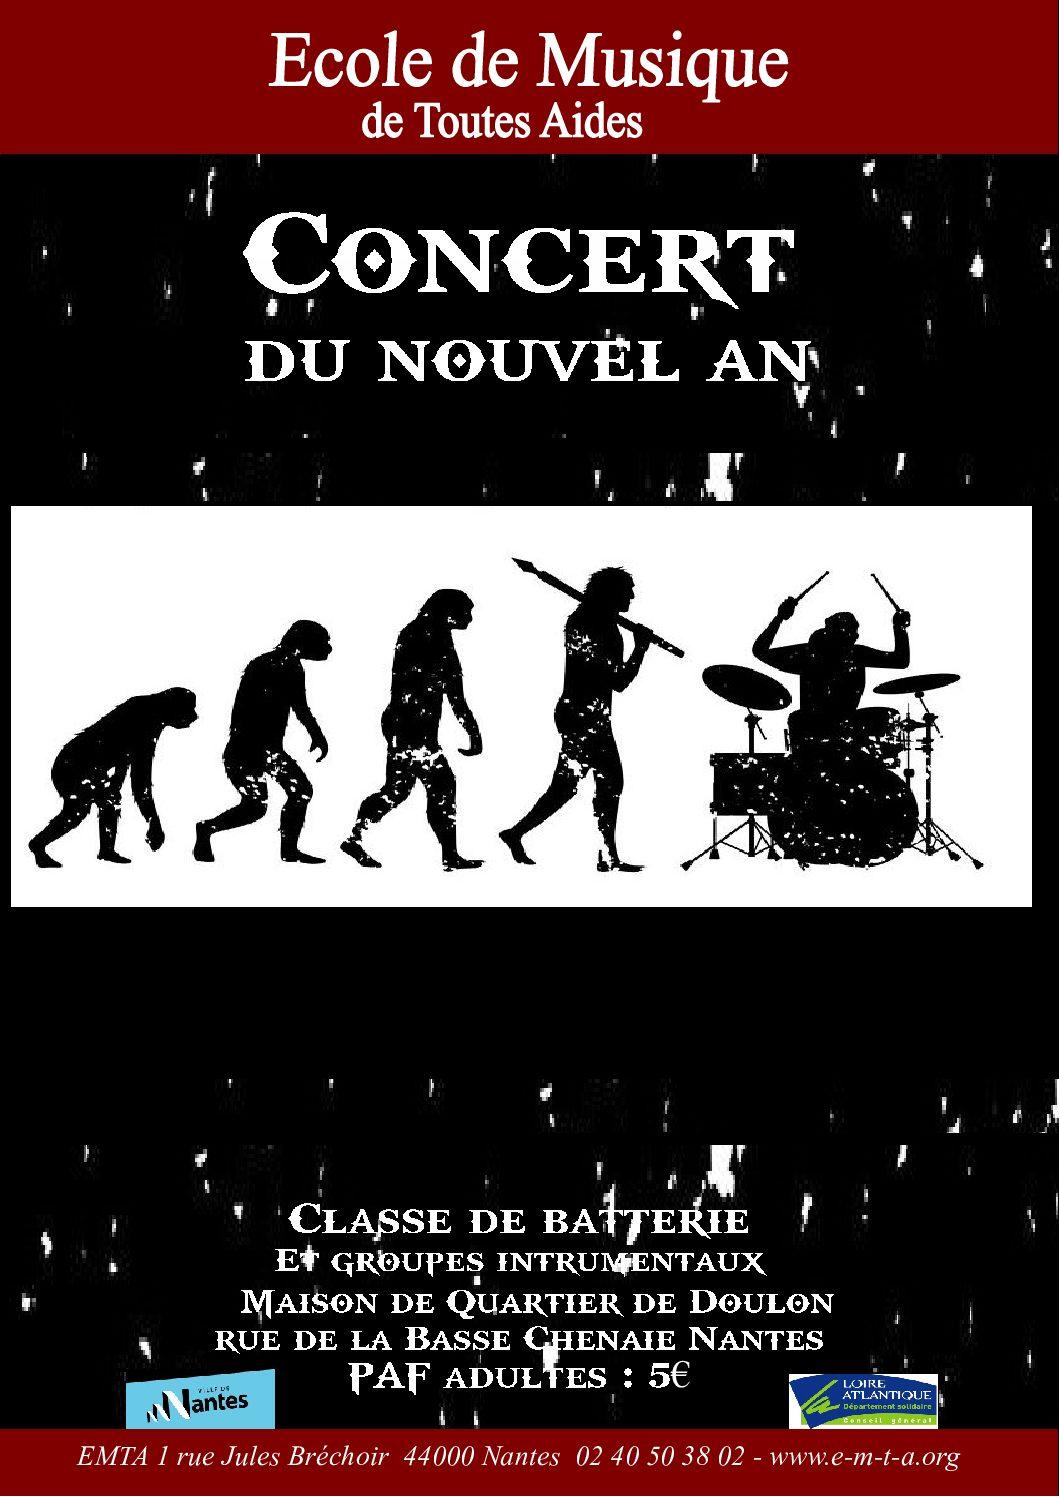 Concert du Nouvel An : samedi 11 janvier